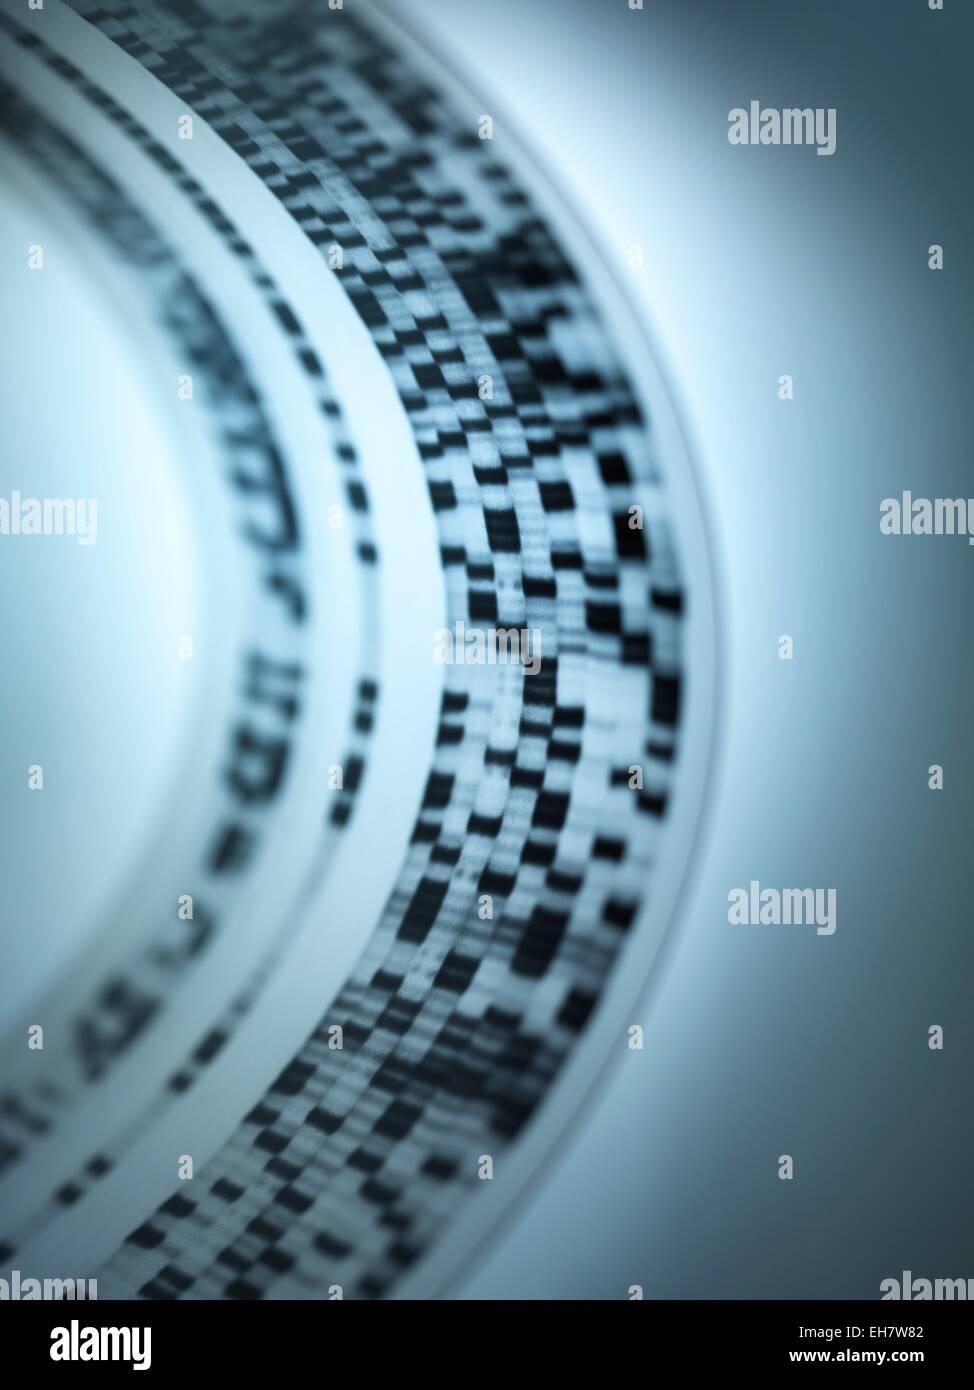 Investigación de la DNA Imagen De Stock